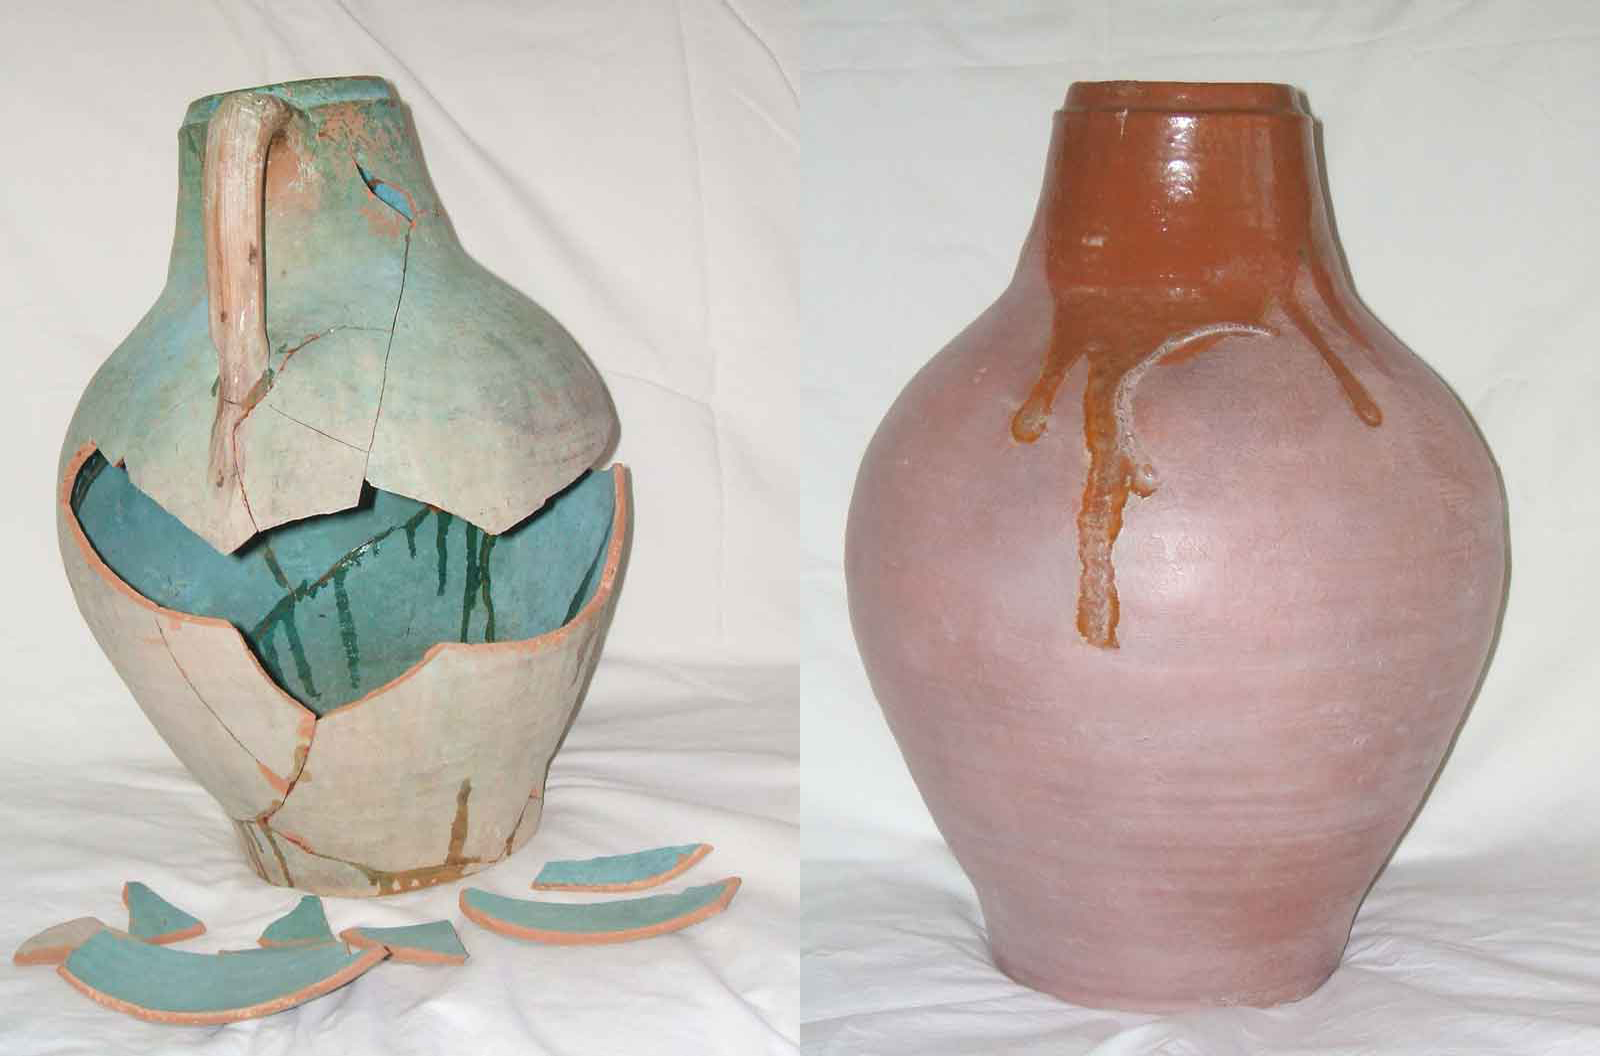 Restauración de jarra de cerámica